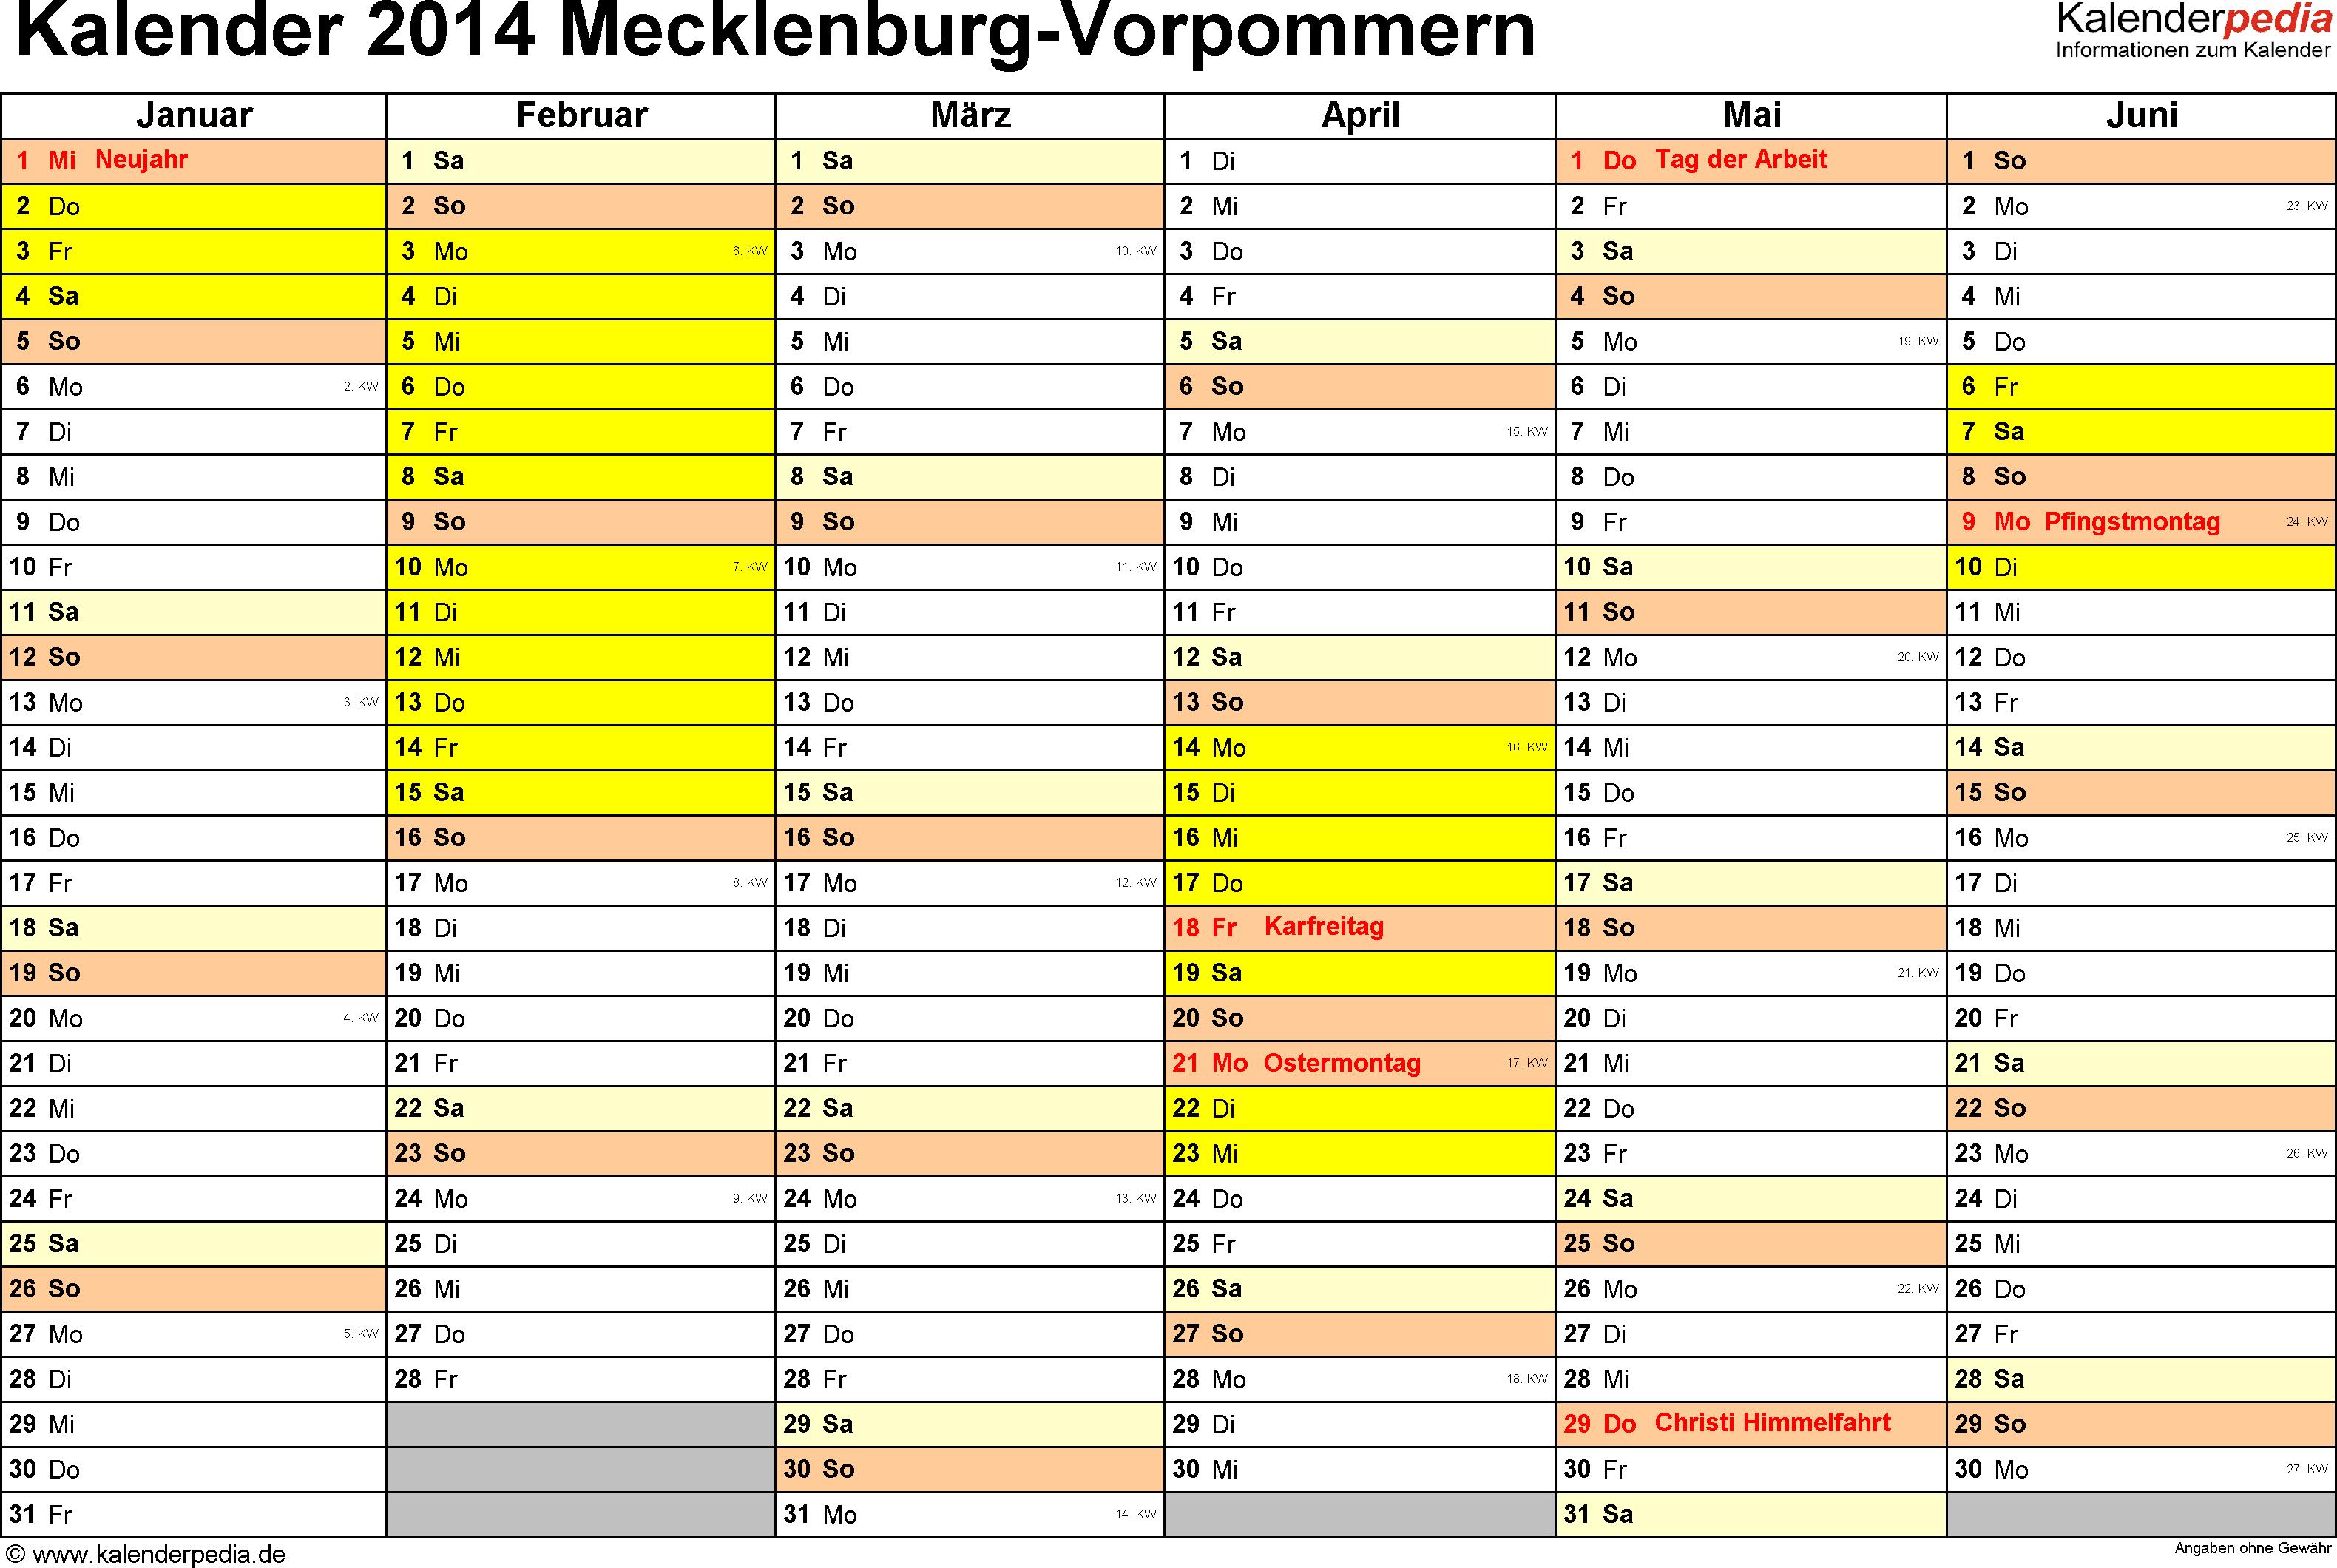 Vorlage 2: Kalender 2014 für Mecklenburg-Vorpommern als Word-Vorlagen (Querformat, 2 Seiten)